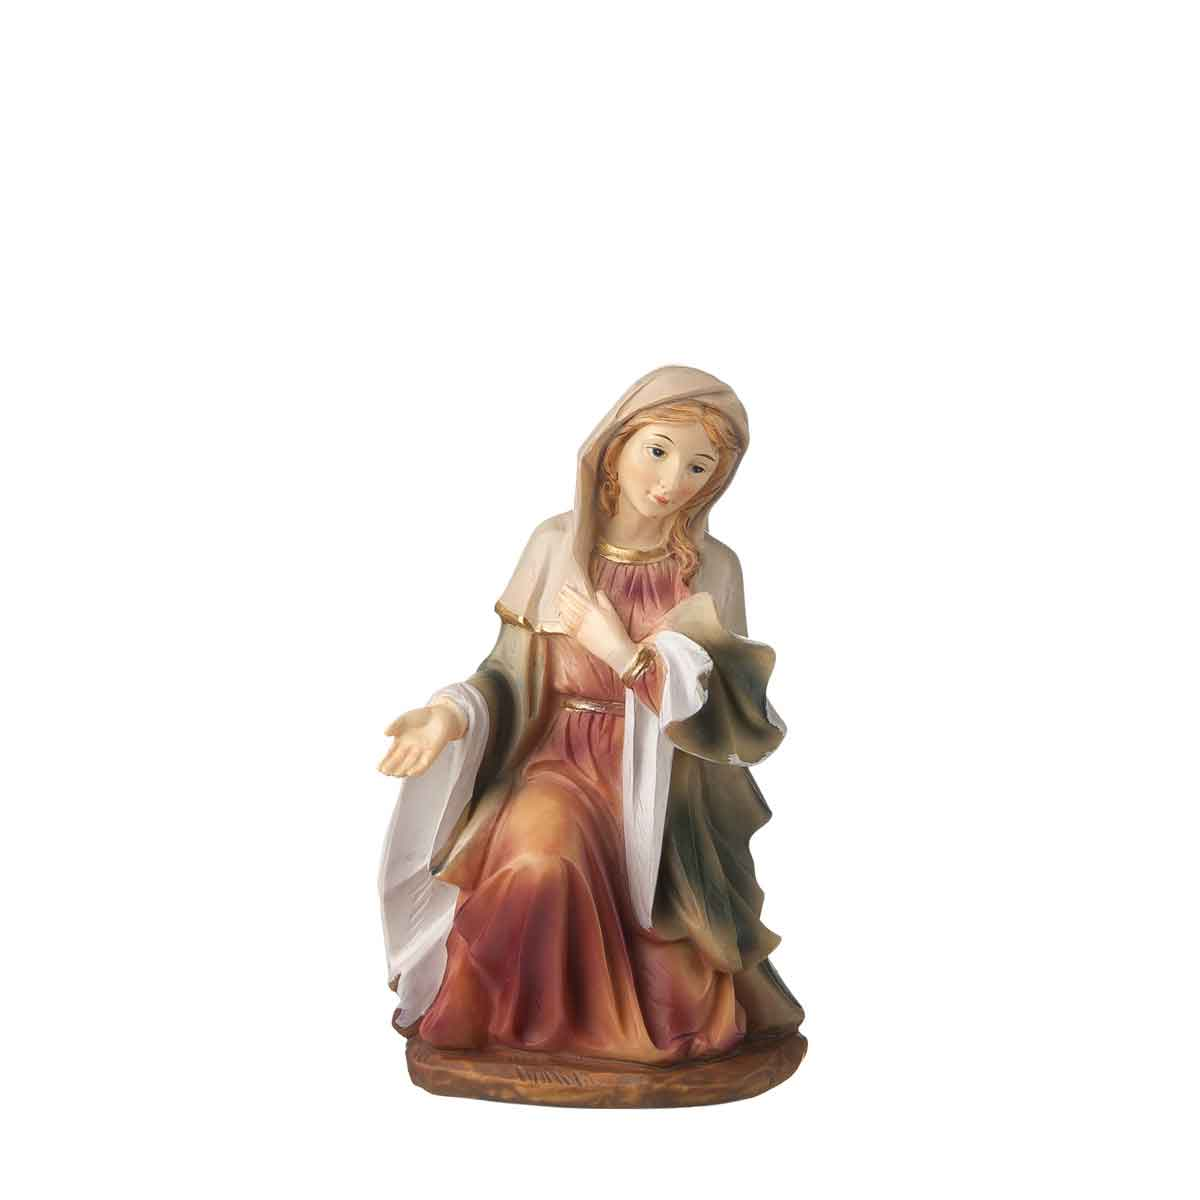 Presepe – Statuetta Madonna altezza 20cm